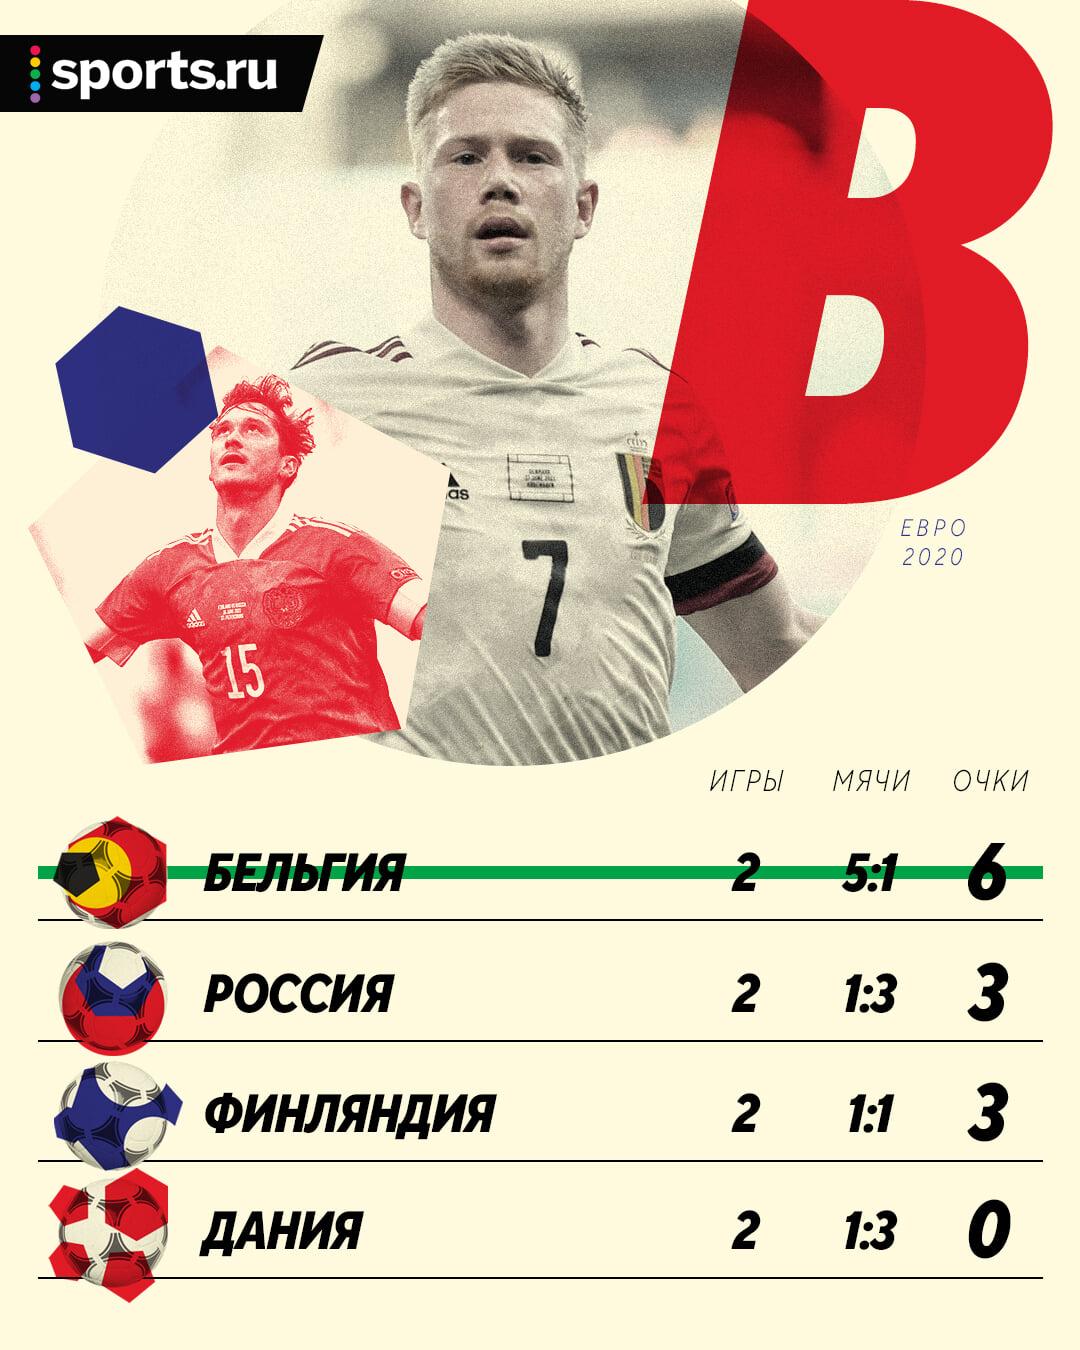 Расклады России в борьбе за плей-офф Евро: ничьей хватит, а поражение (даже 0:1) – почти крест